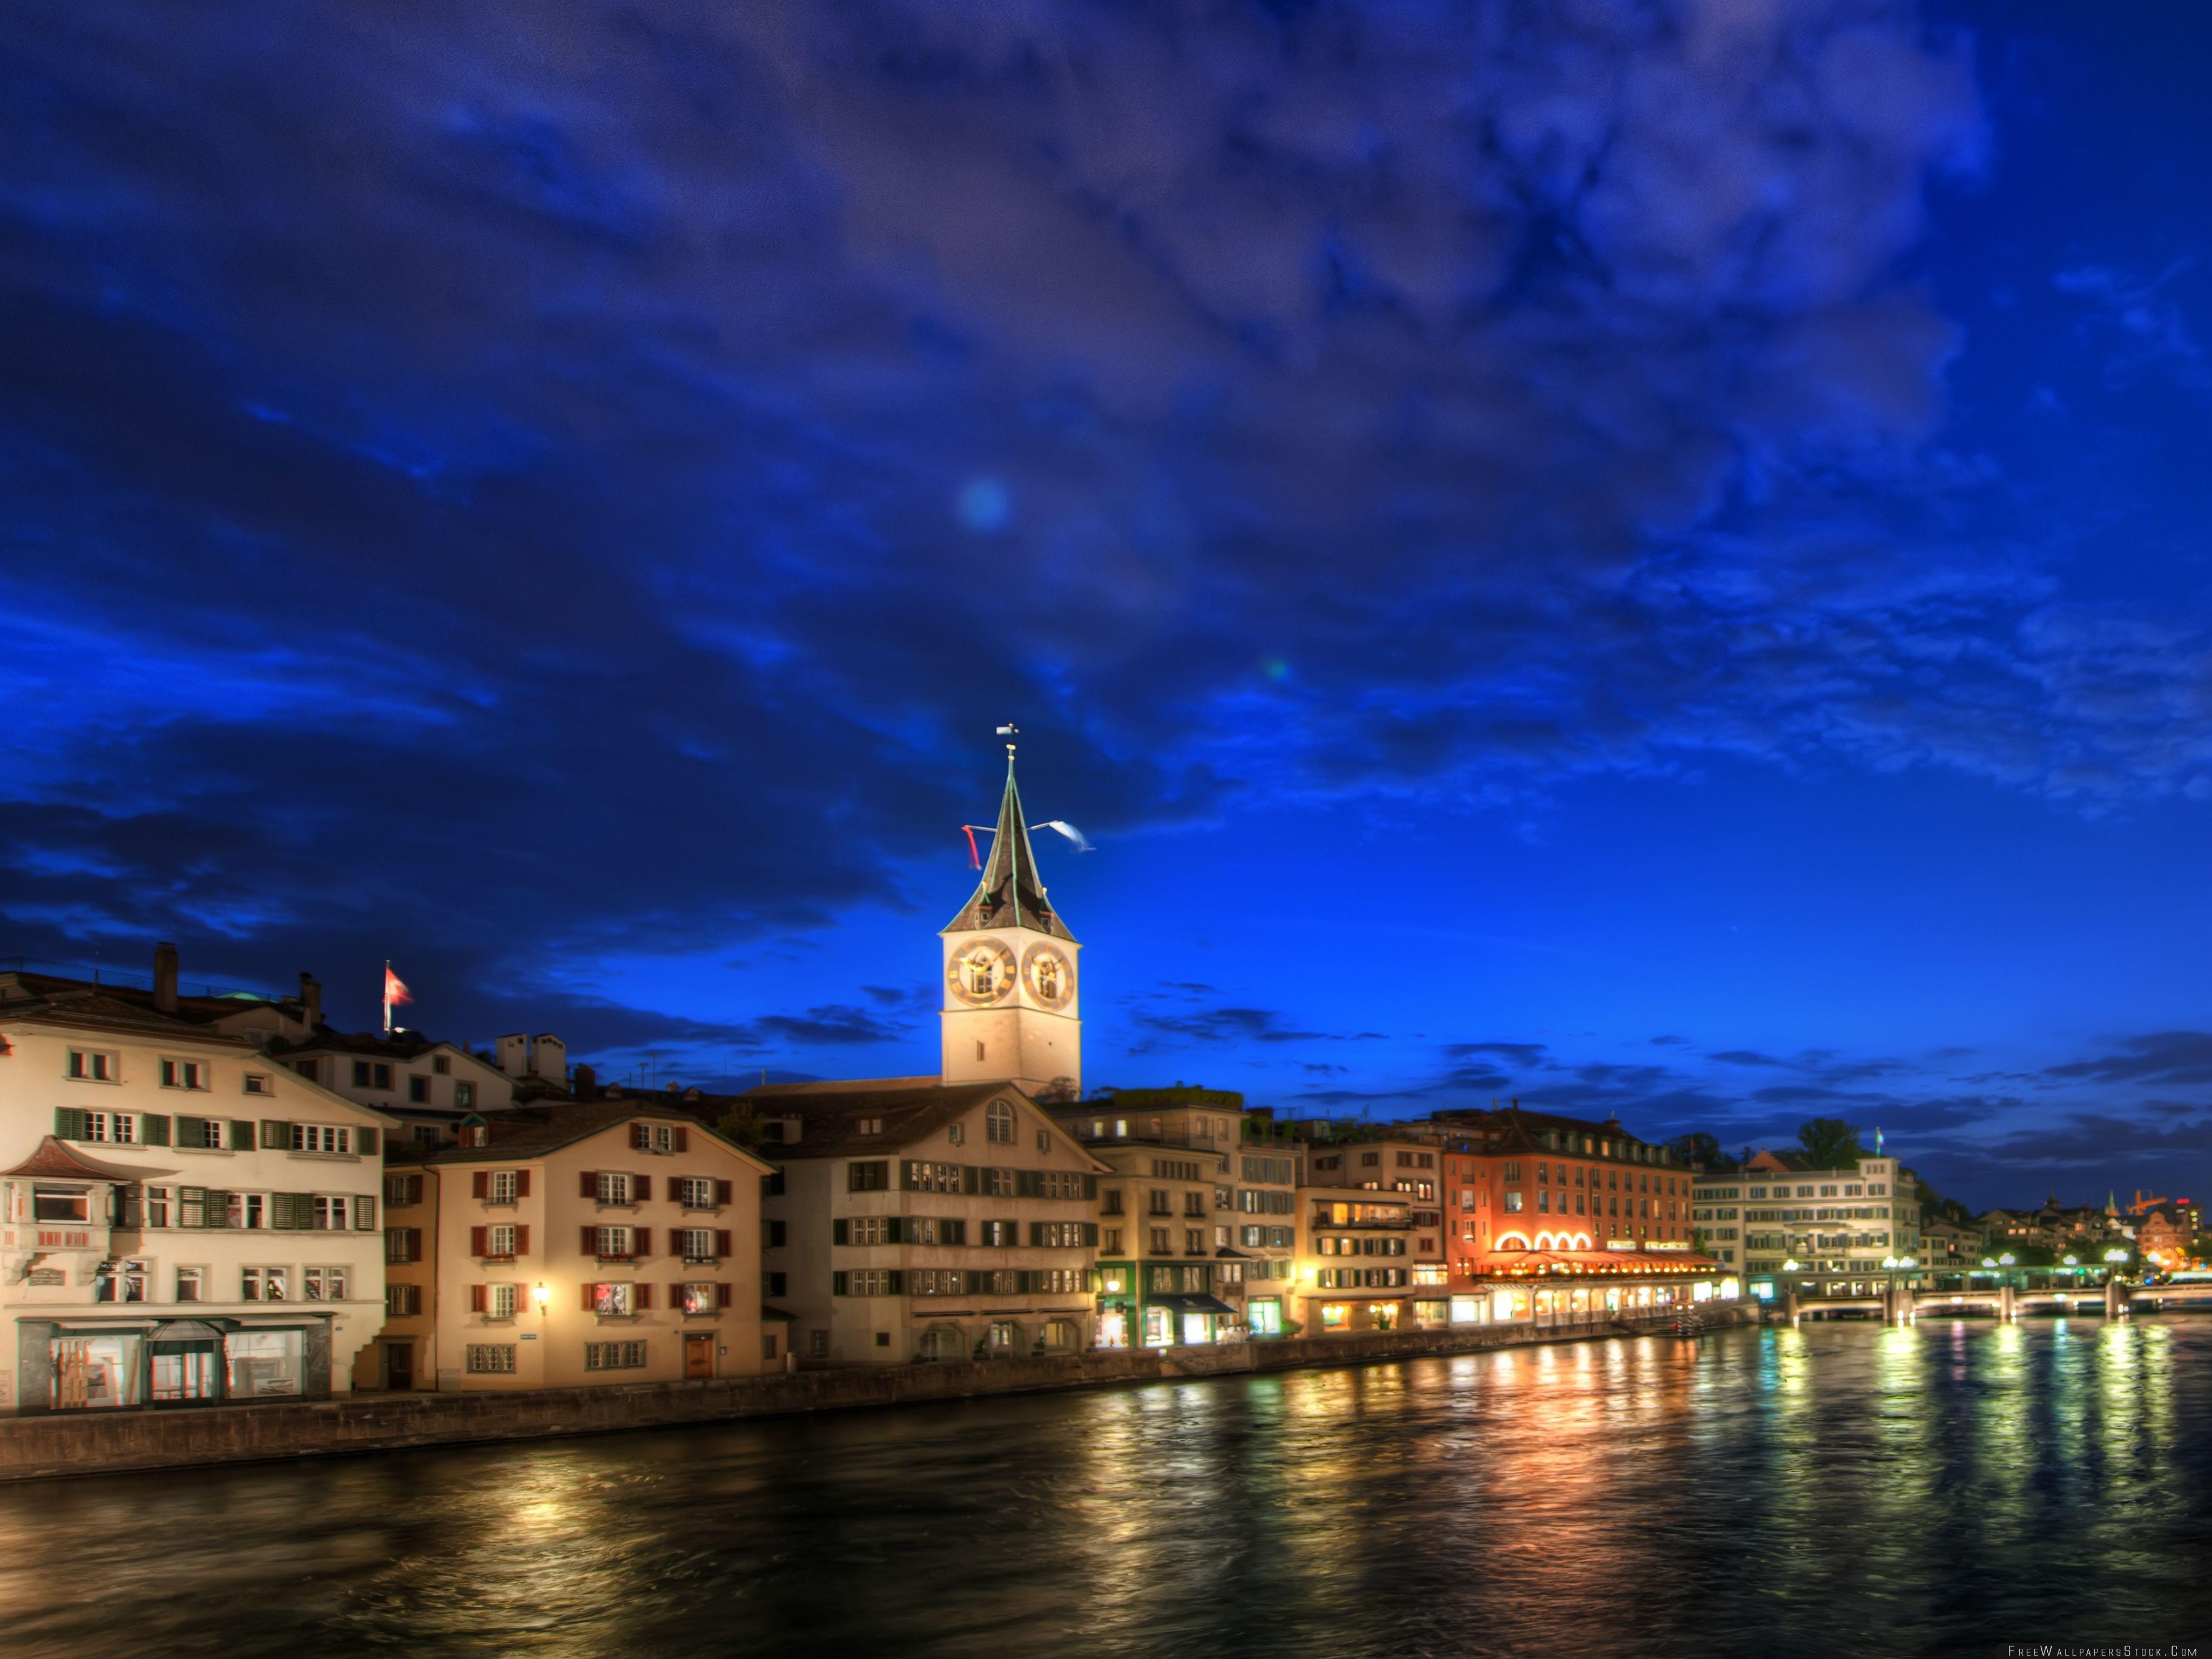 Download Free Wallpaper Zurich   Night Hdr